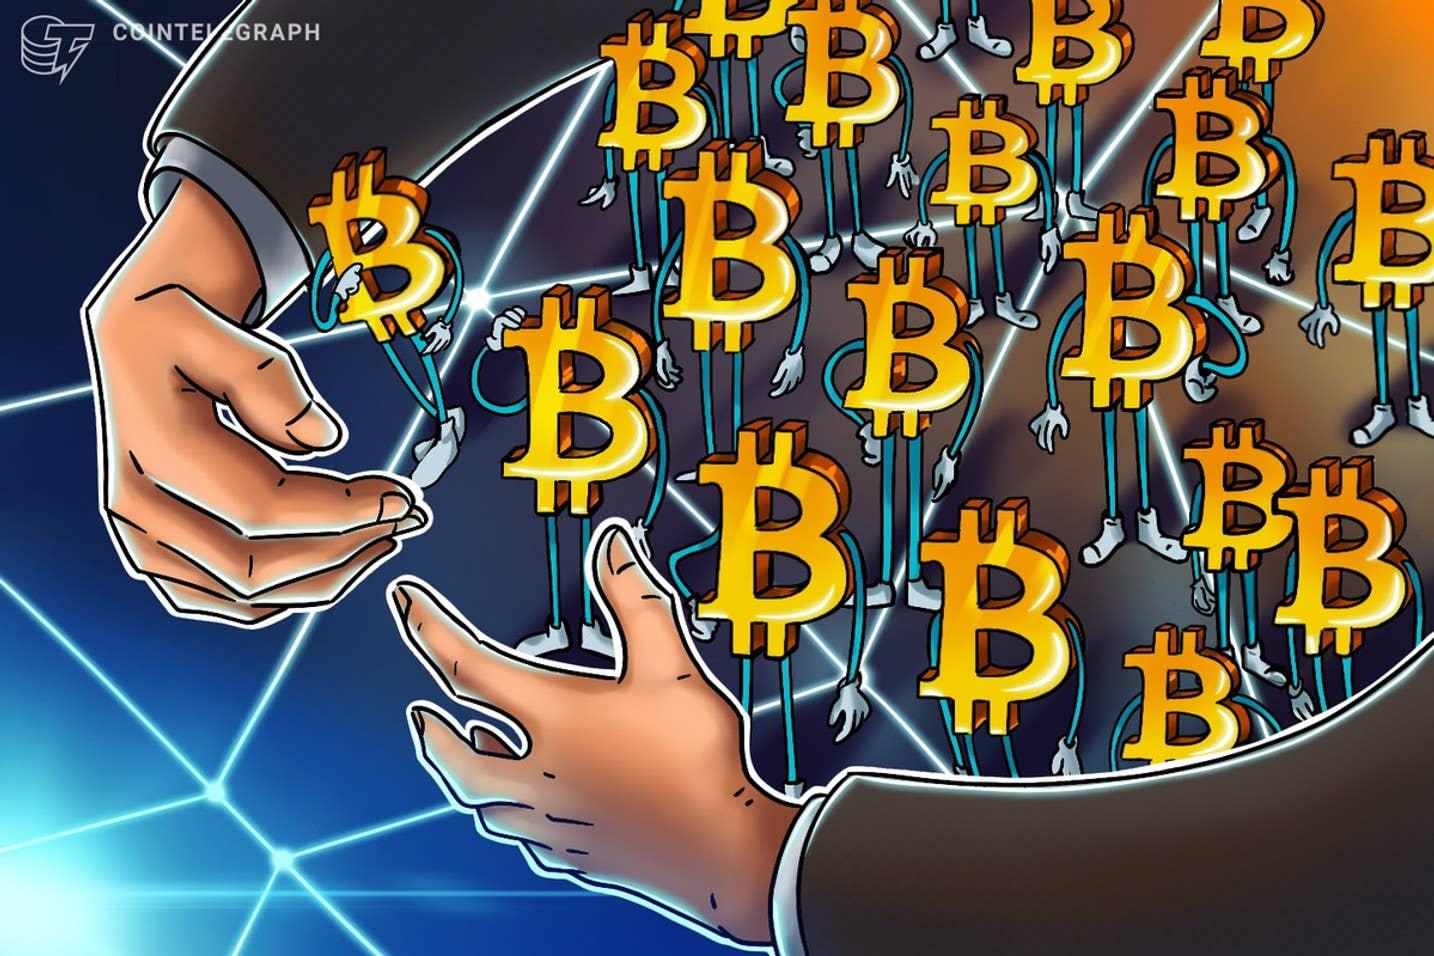 El Salvador atua na redução do preço do Bitcoin e compra 150 BTC